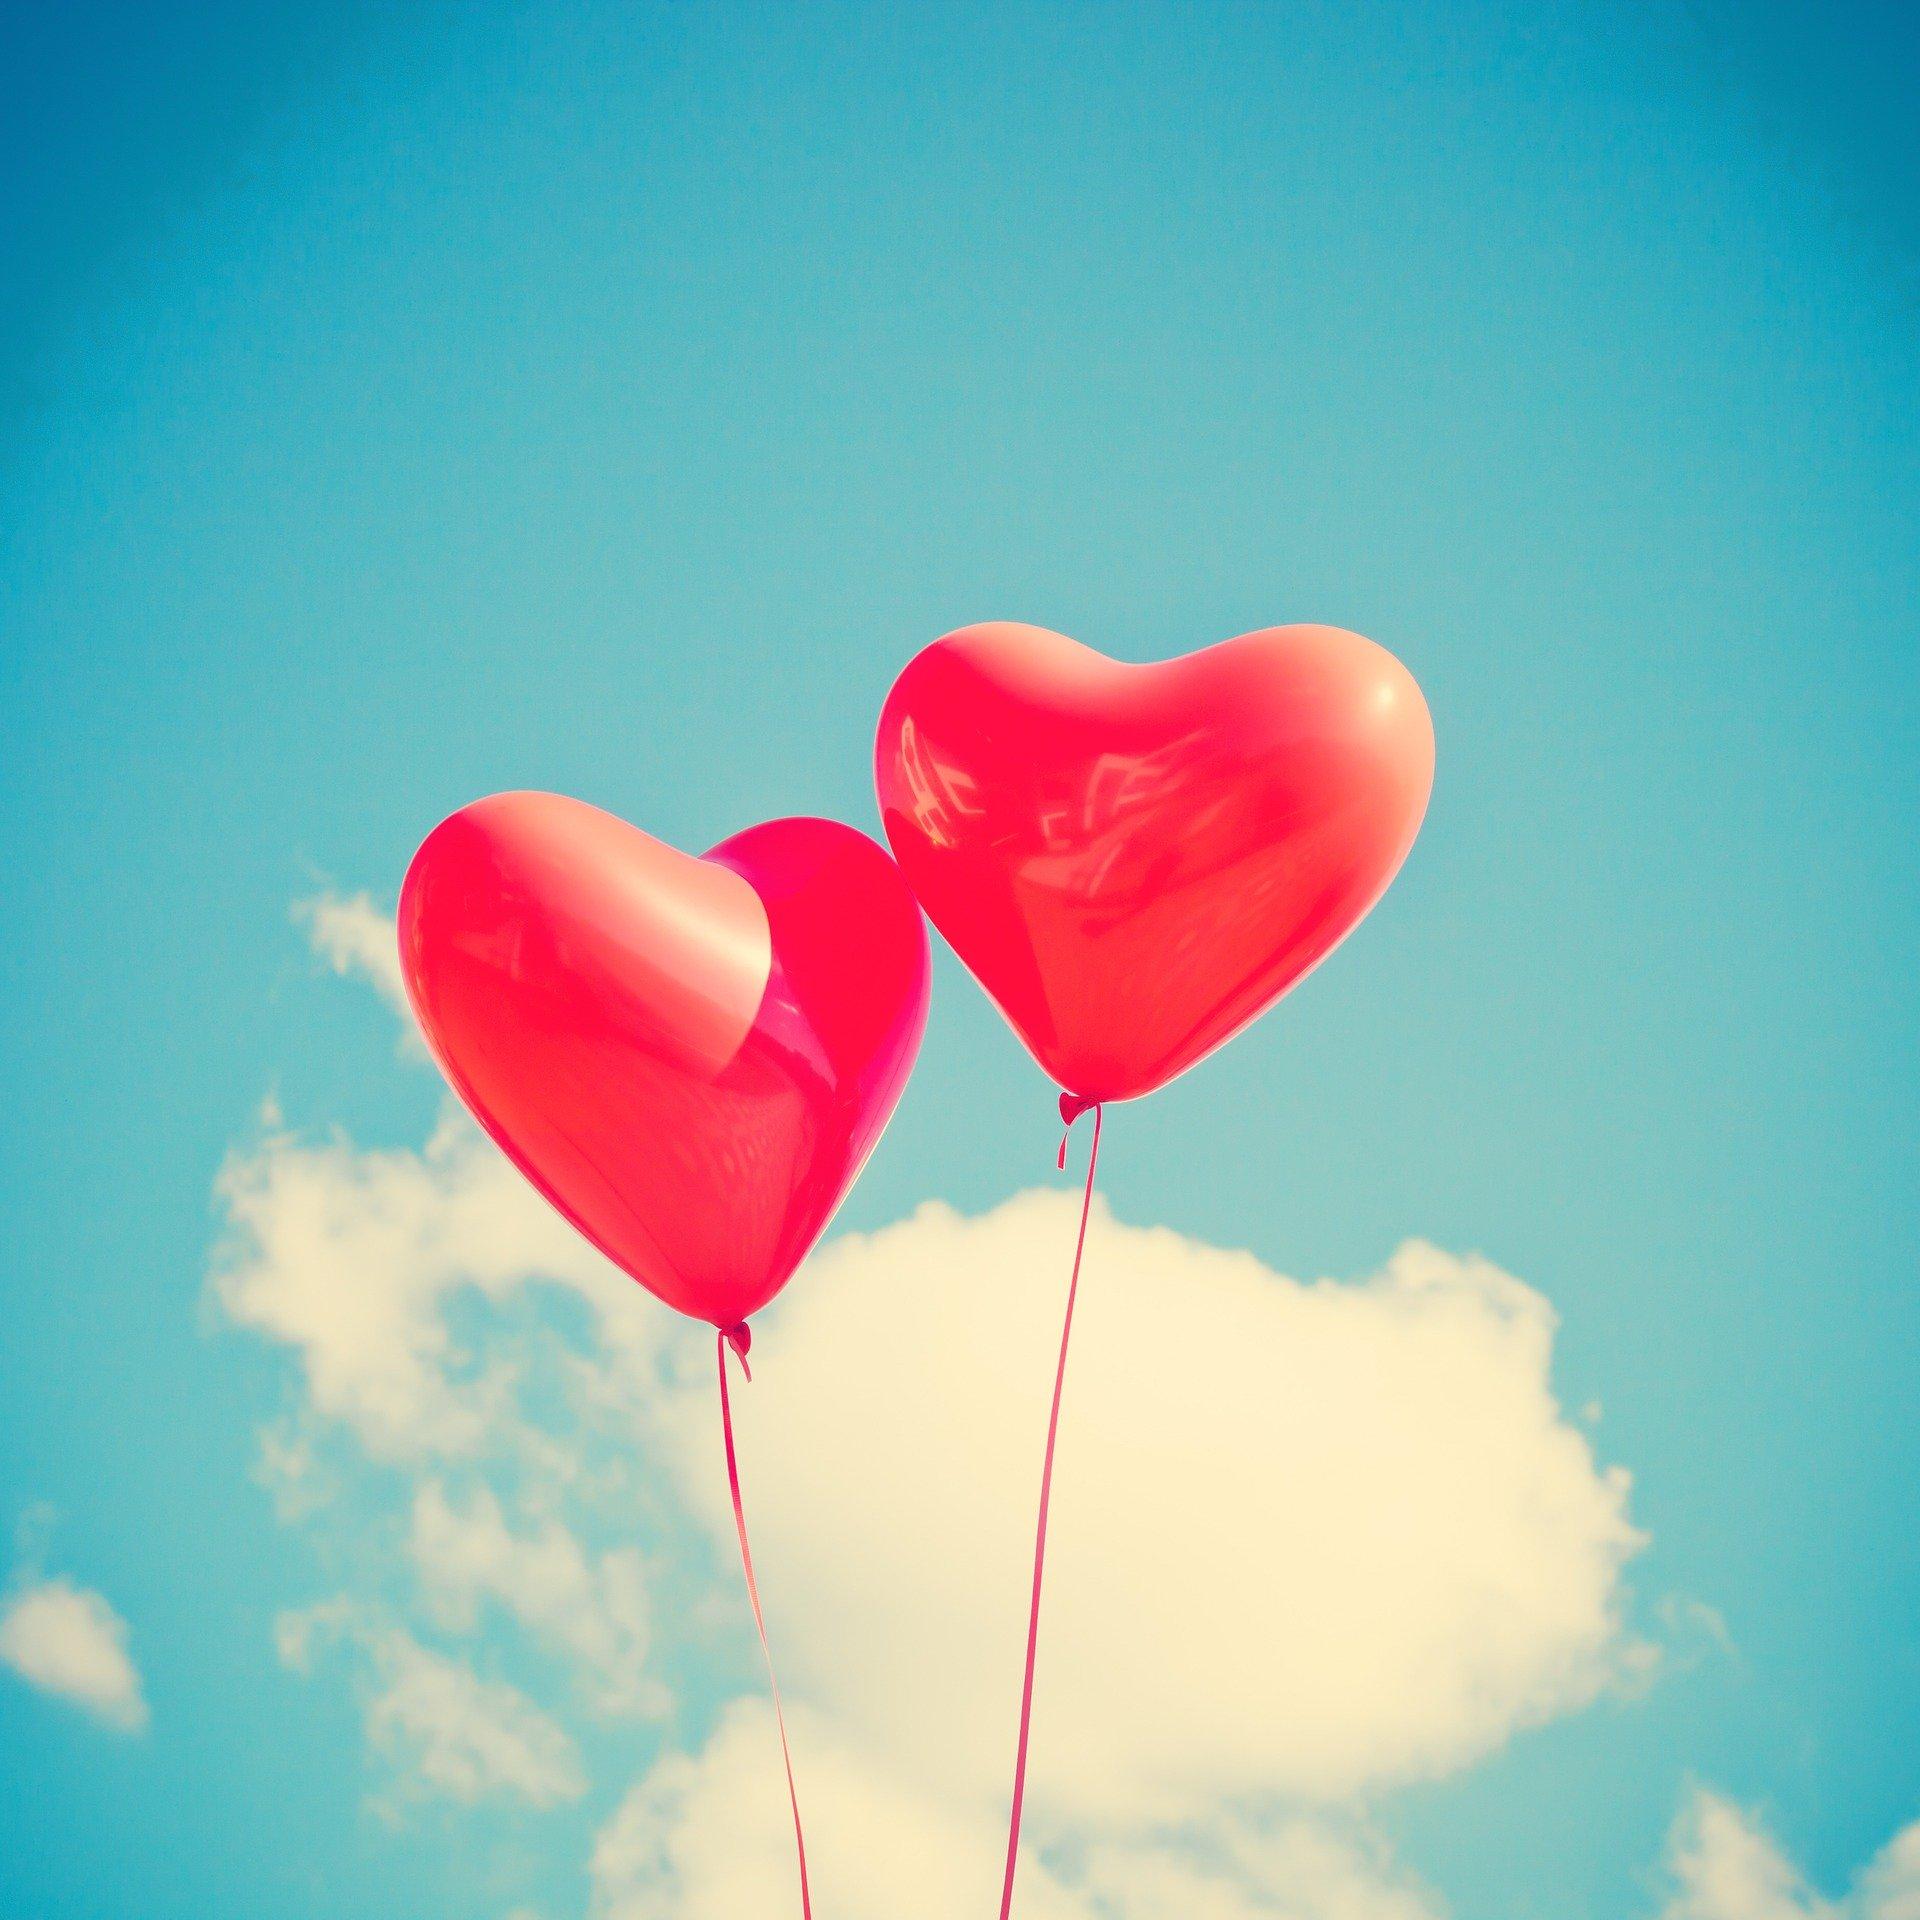 два шарика сердечка